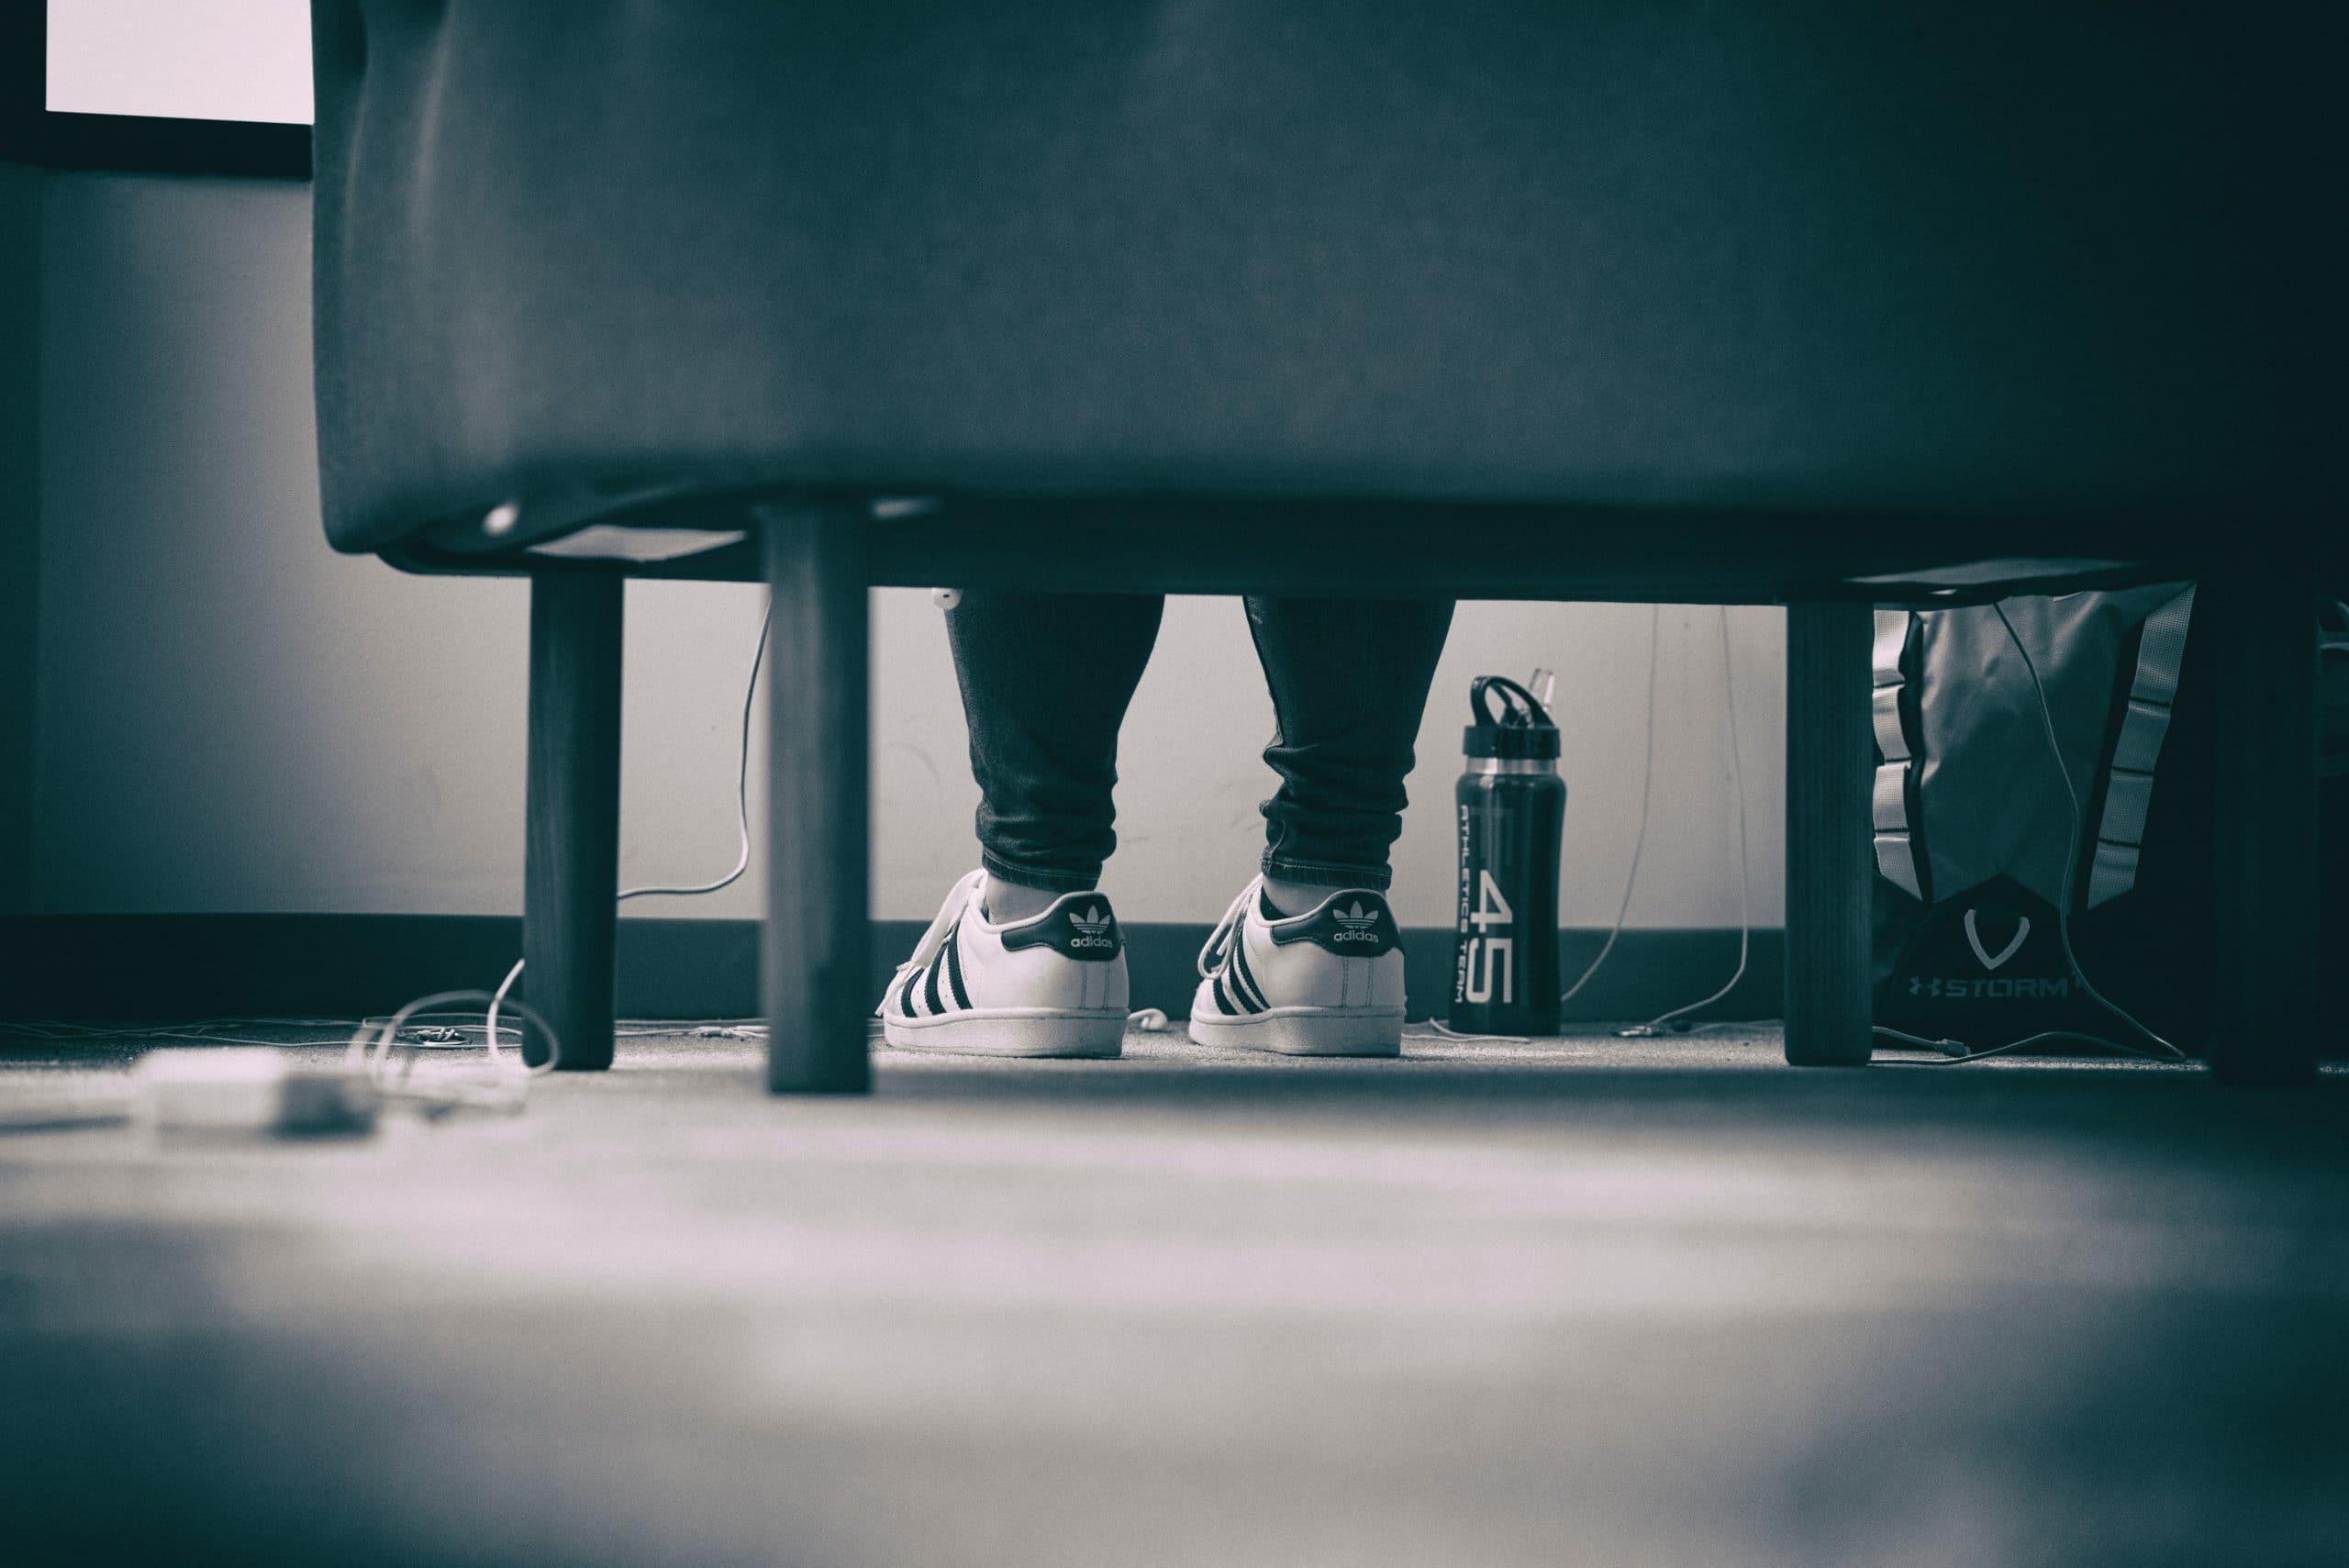 beide voeten op grond